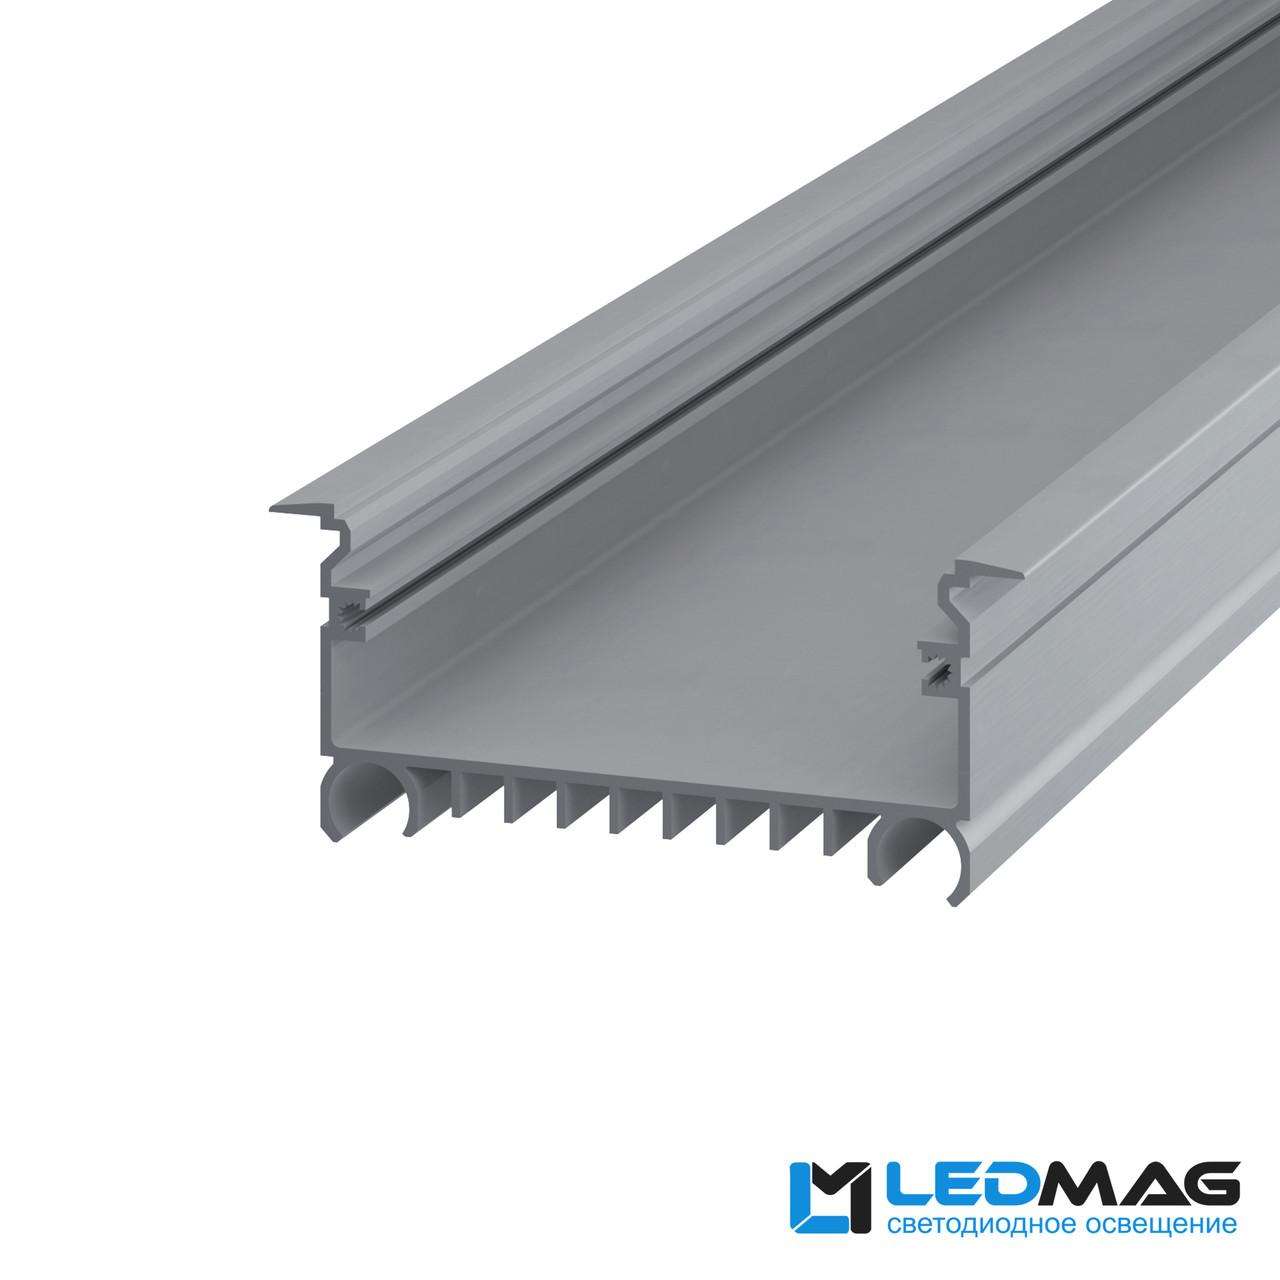 Профиль для светодиодной ленты врезной LSV-70 алюминиевый